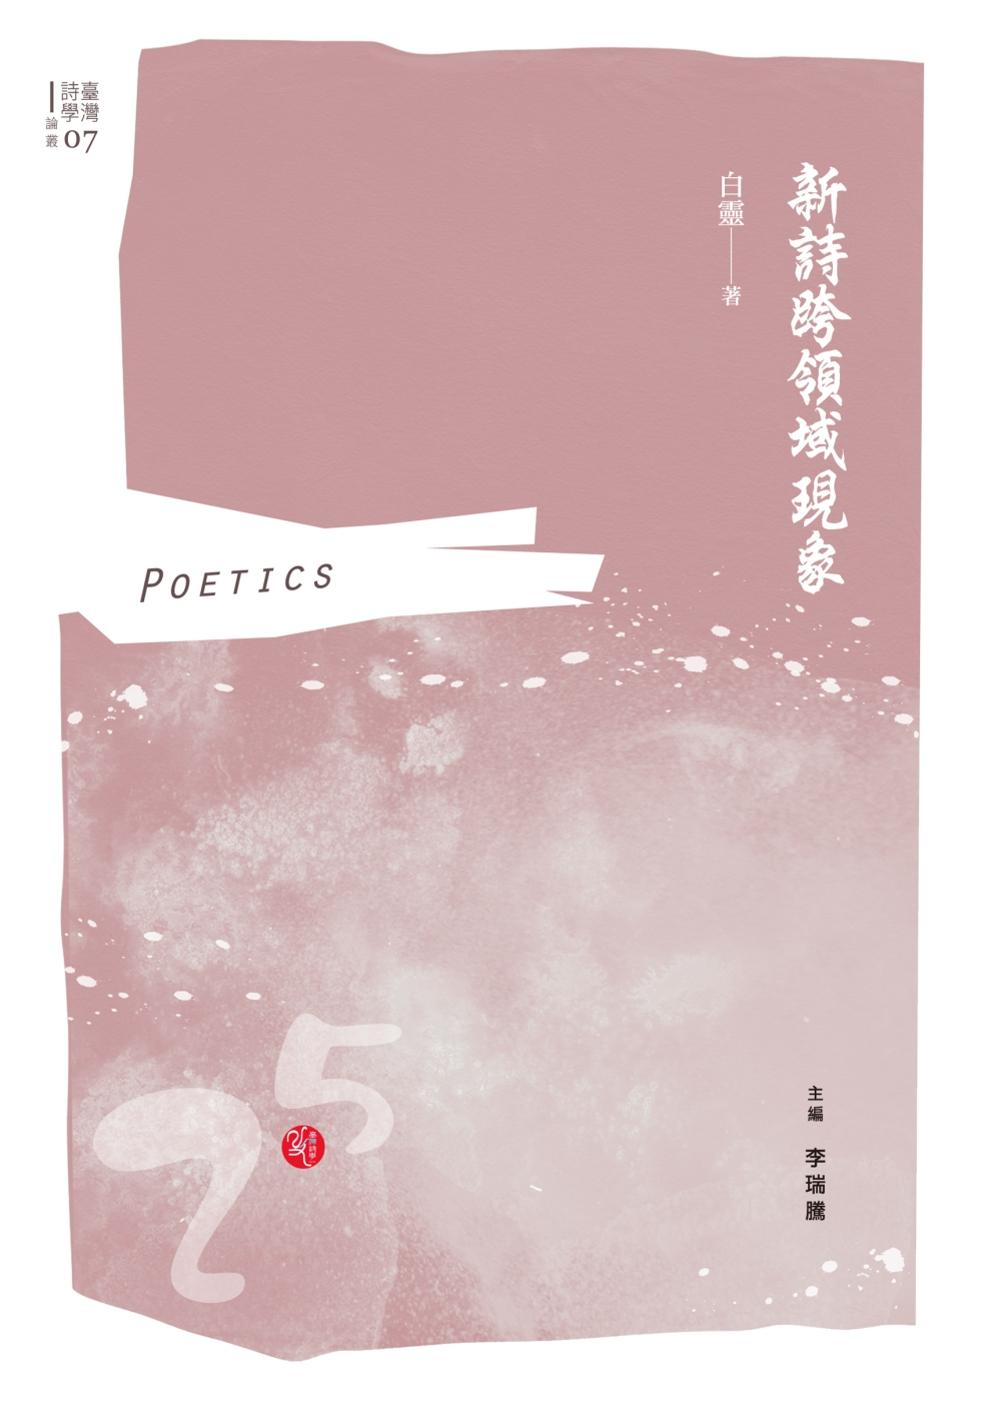 新詩跨領域現象